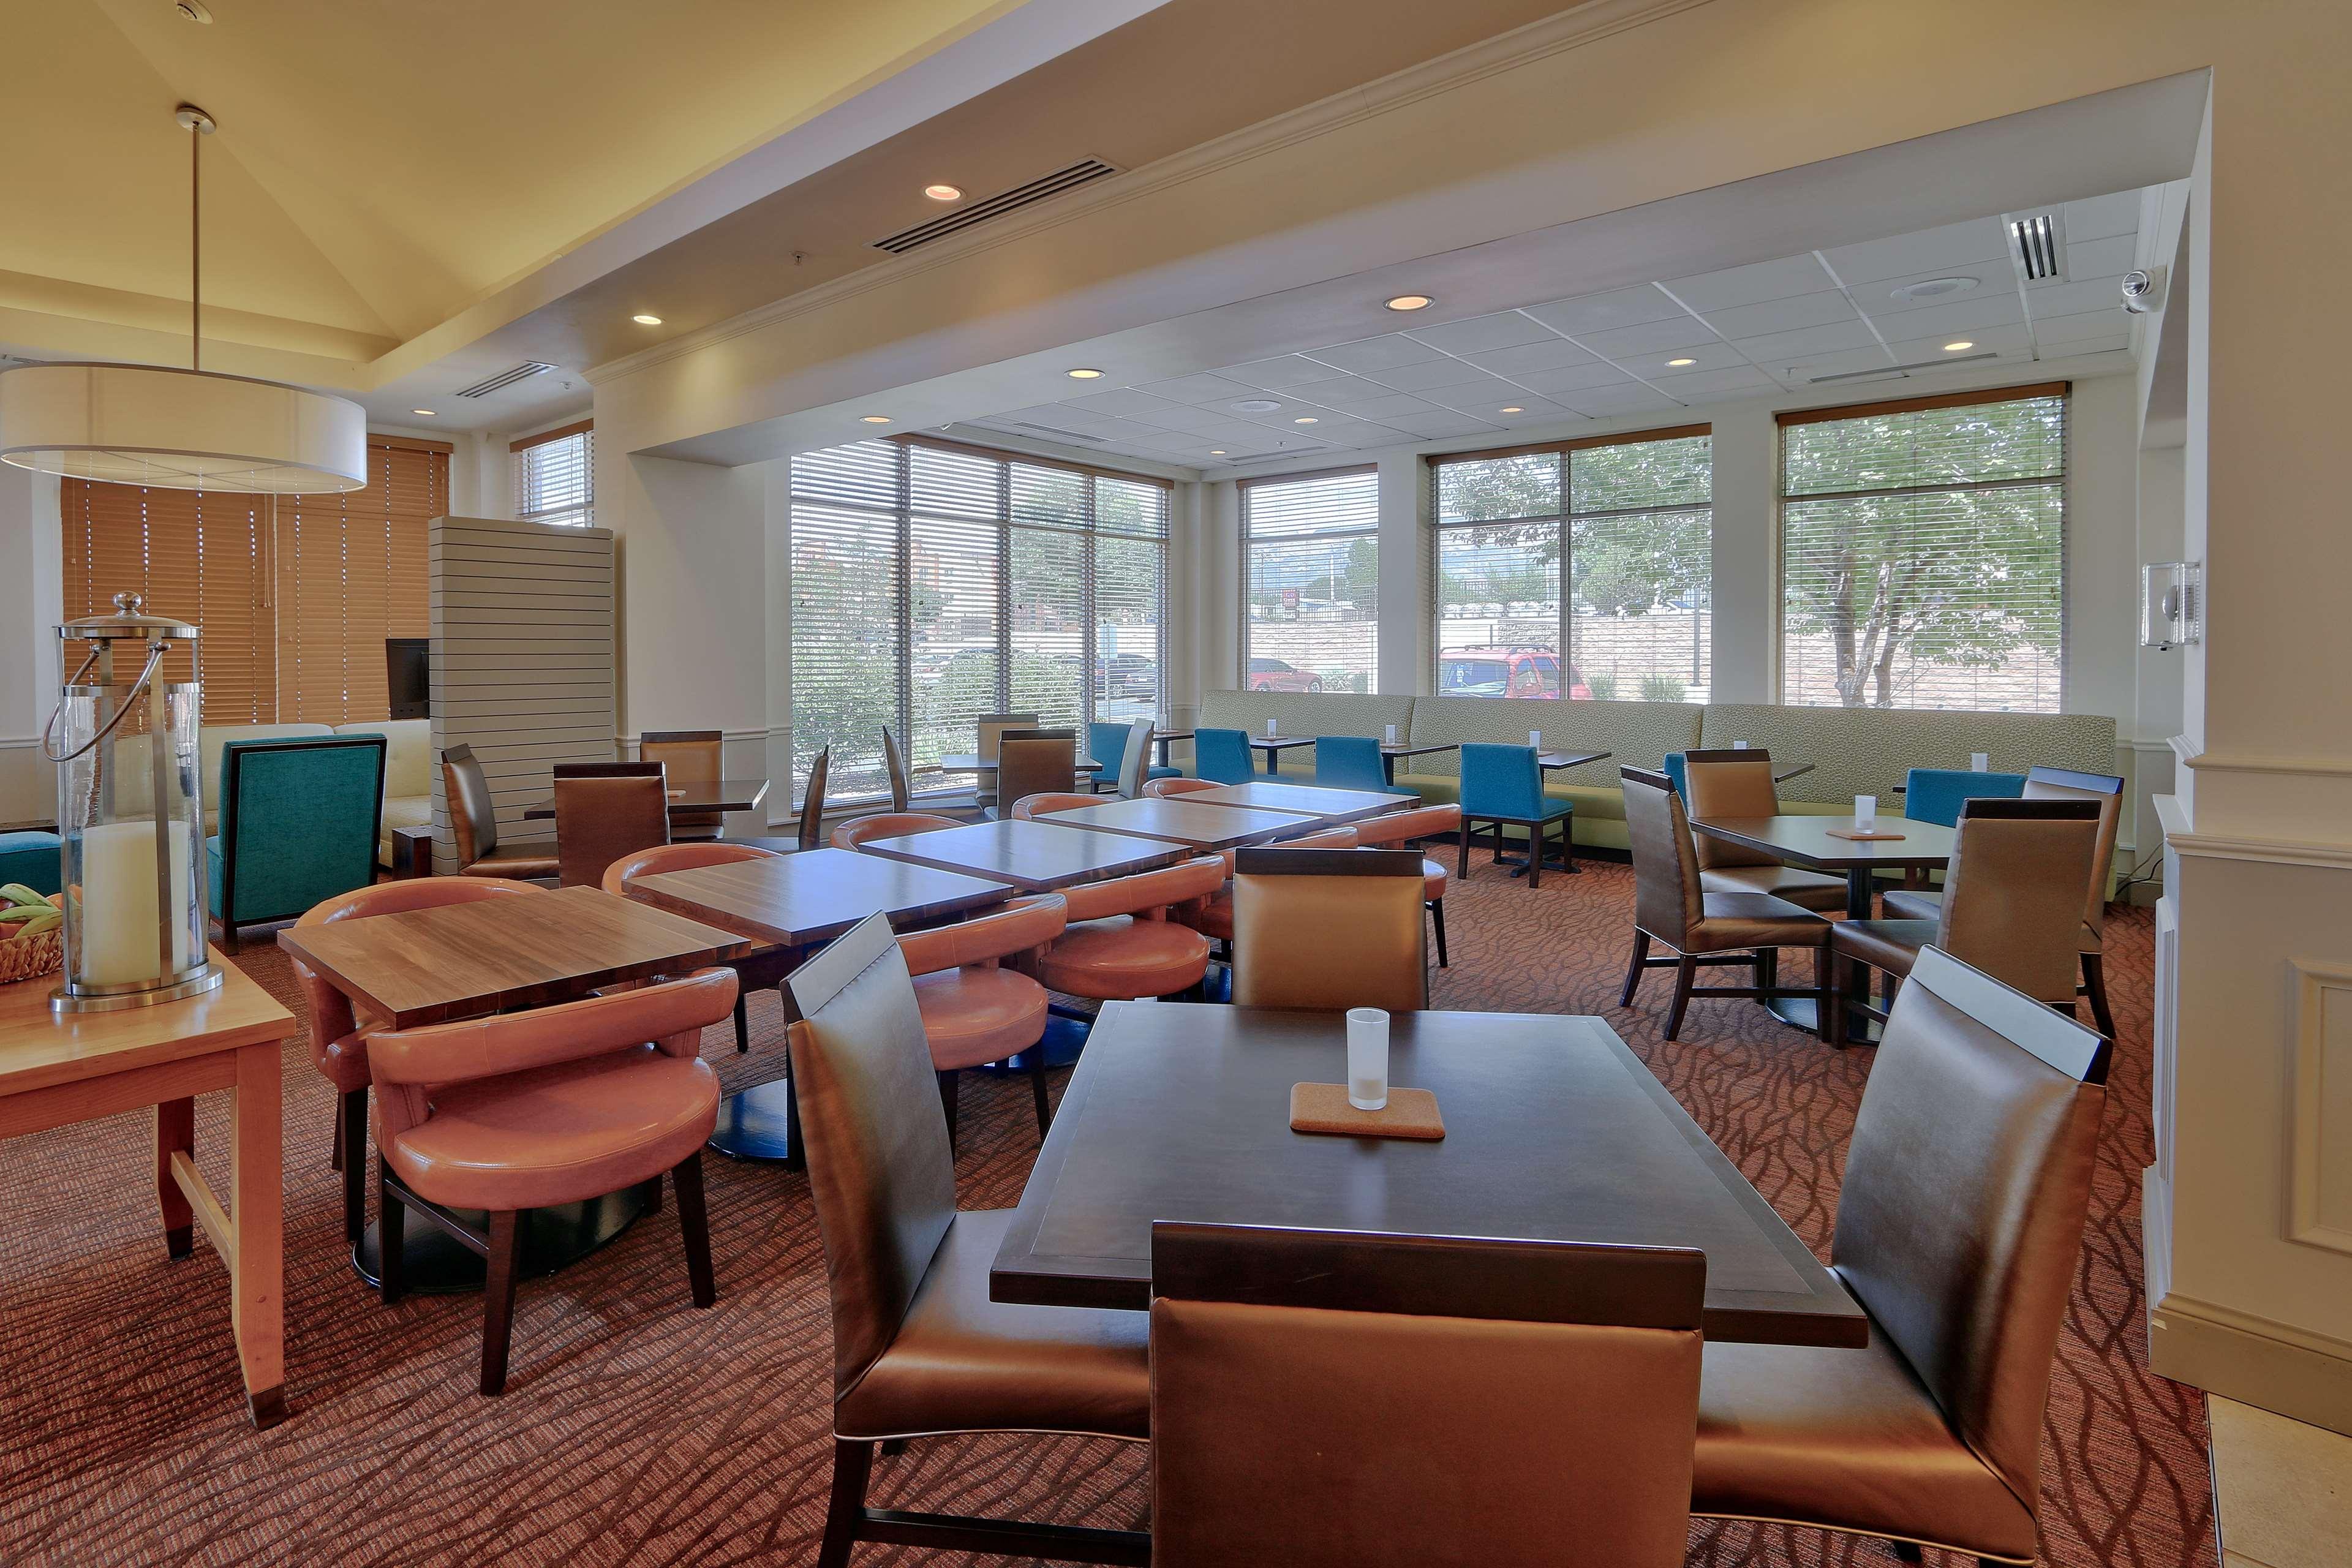 Hilton Garden Inn Albuquerque/Journal Center image 13